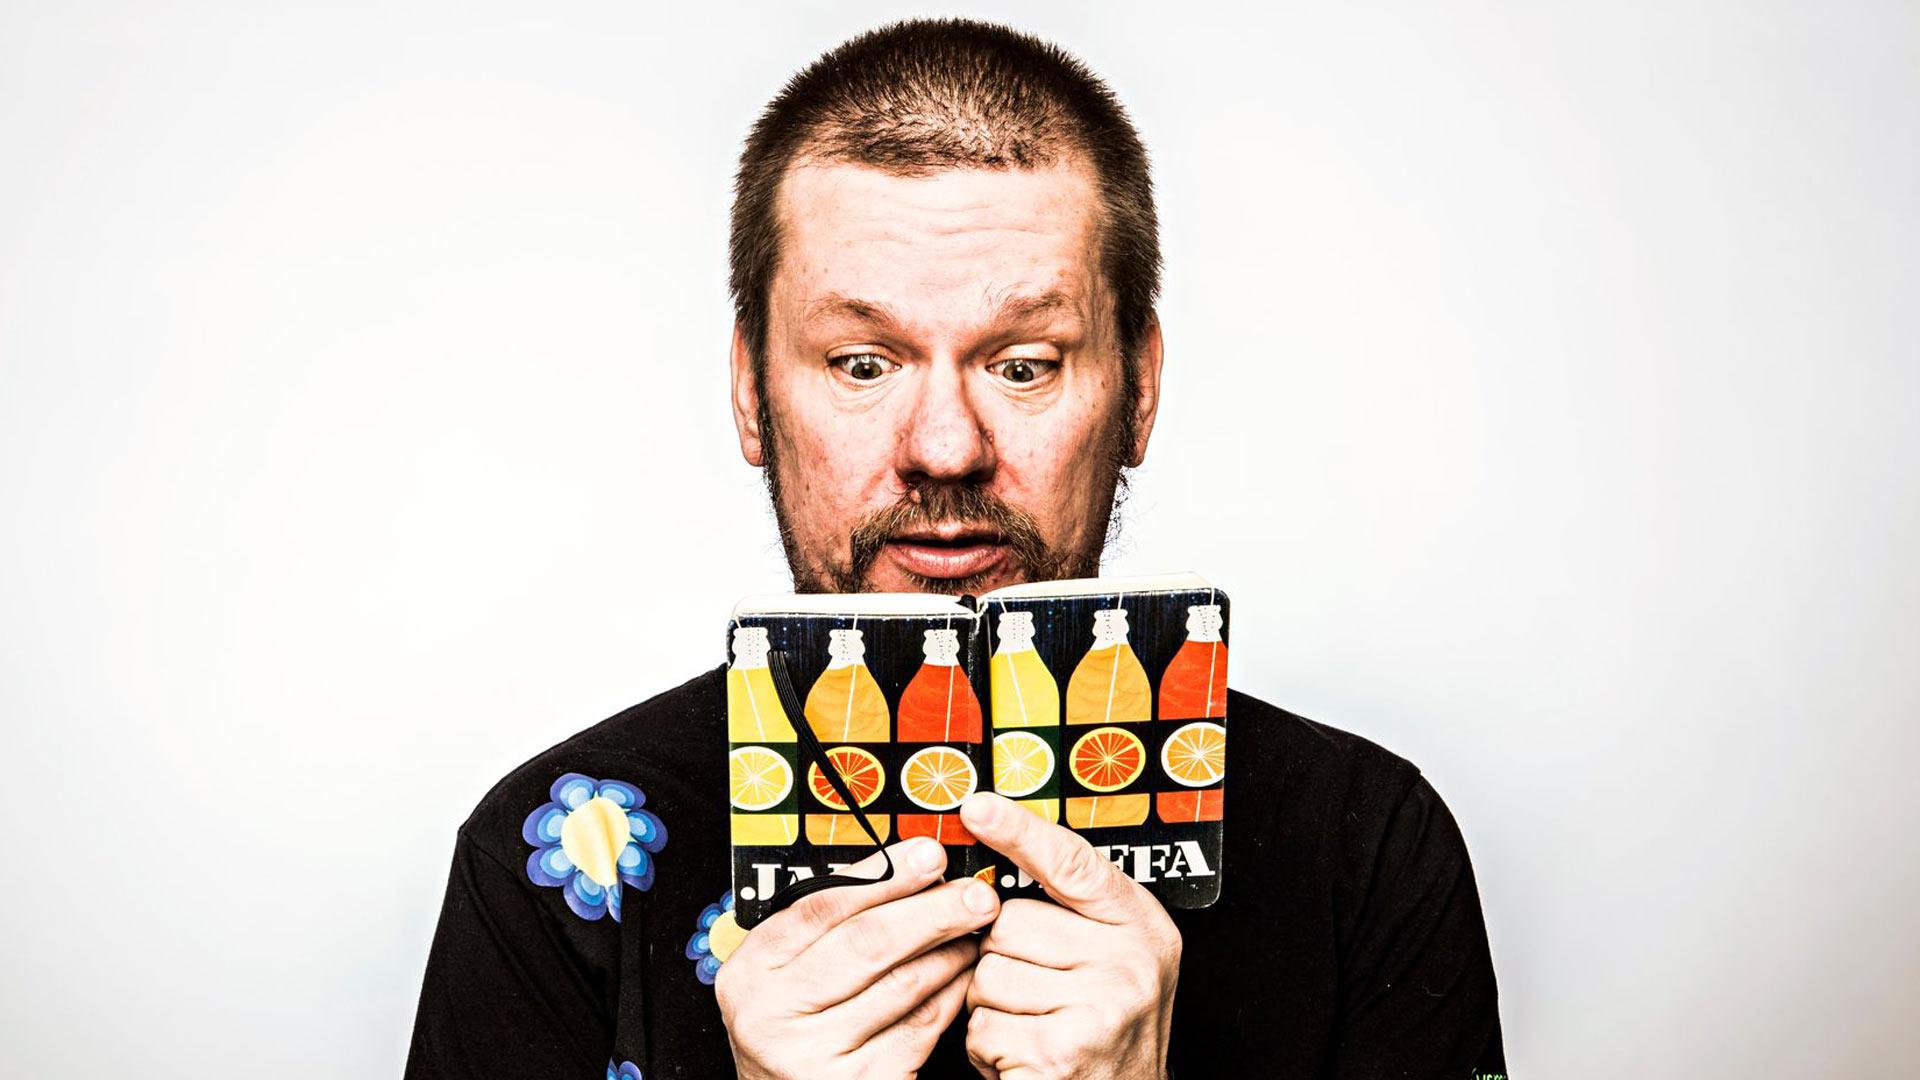 Stand up -koomikko Risto K. Järvinen kirjoittaa päiväkirjaa nykyään noin kolmen vuoden välein.